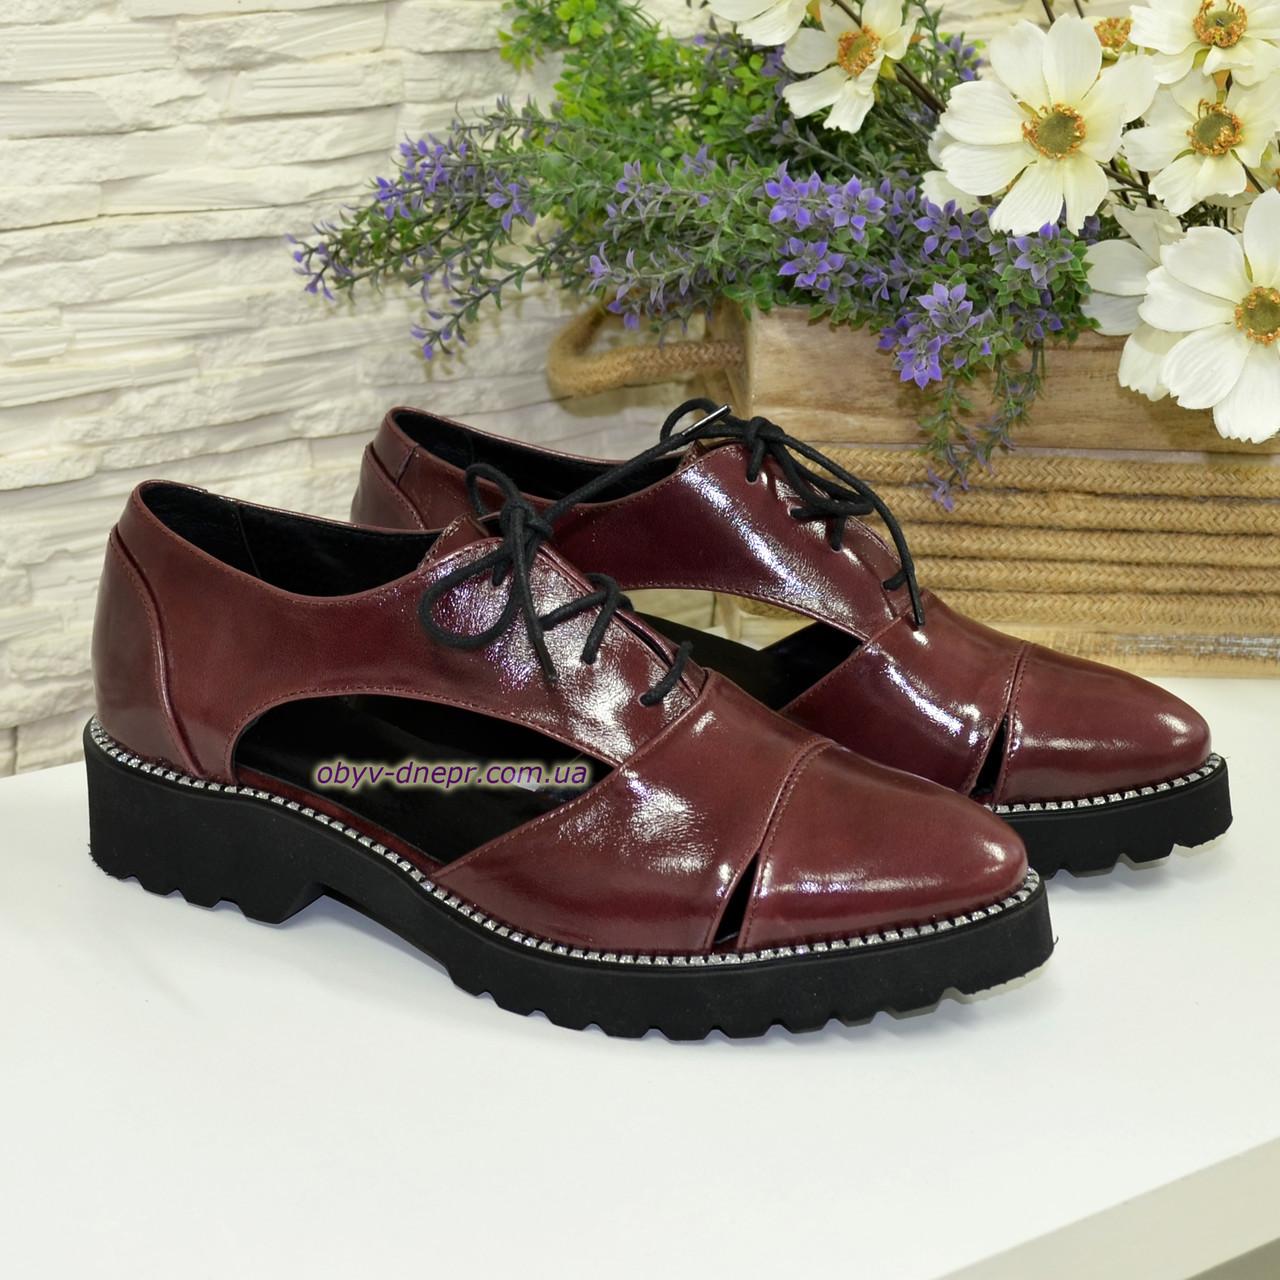 de31d0cbe Купить Кожаные туфли женские на утолщенной подошве, цвет бордо в ...